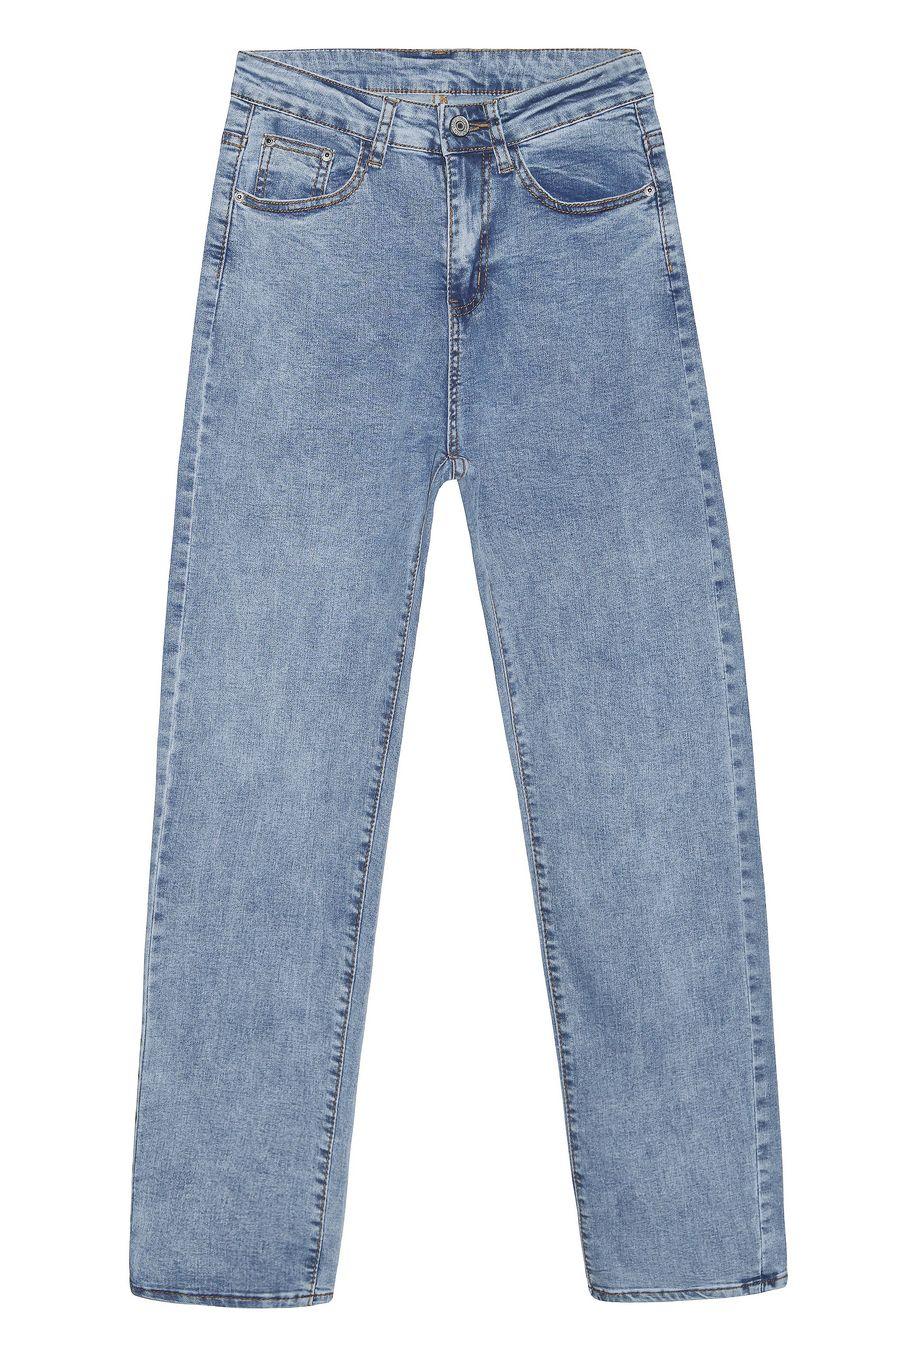 джинсы женские 2021 купить спб